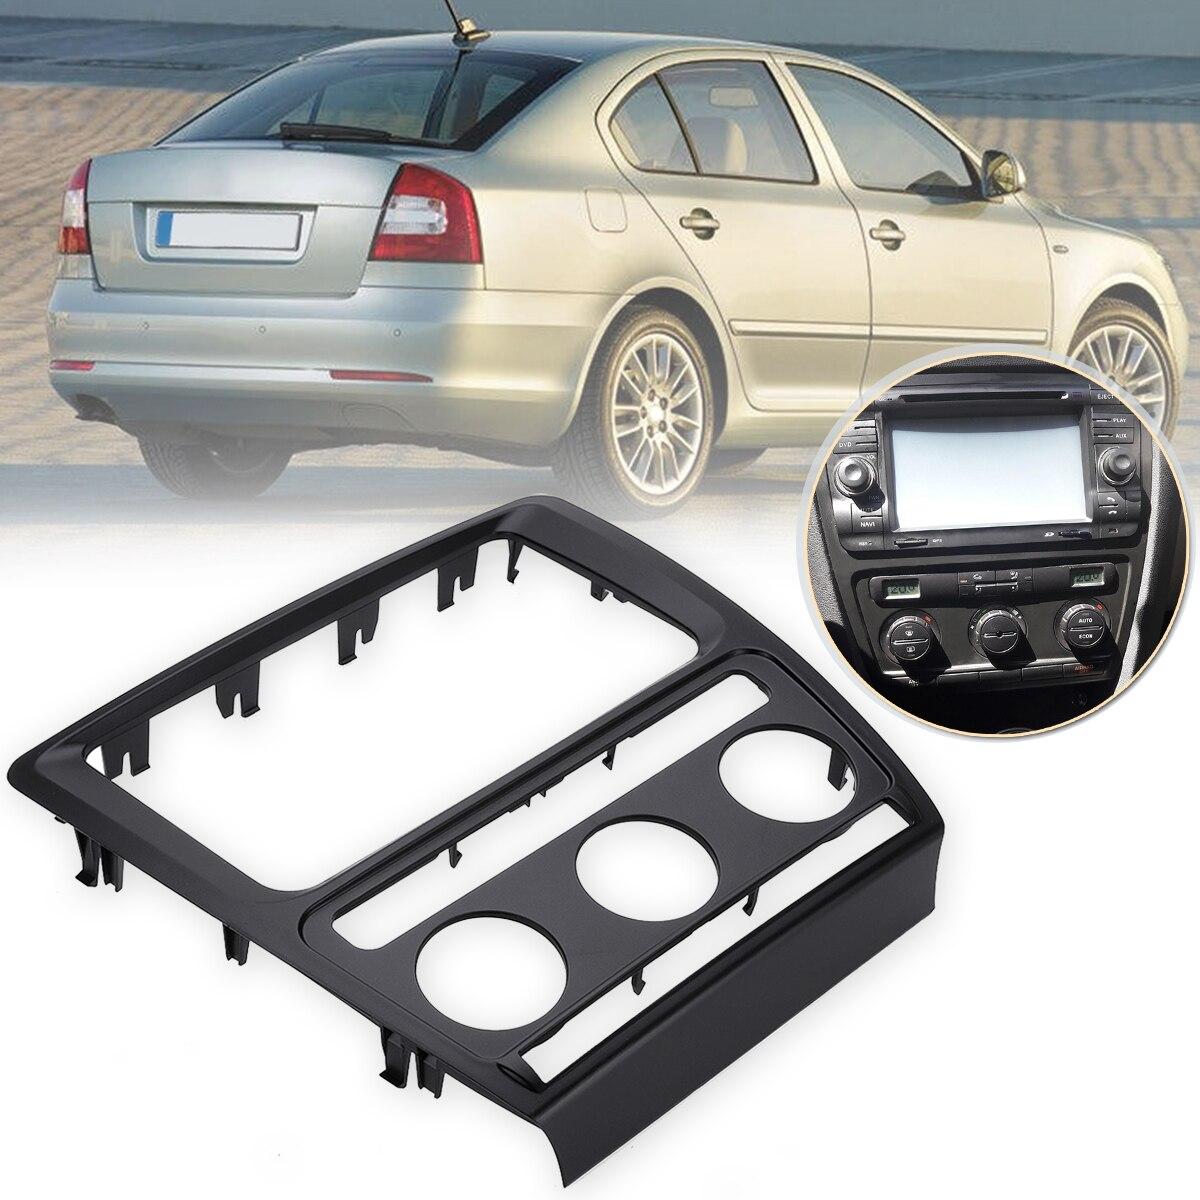 Radio Panel Dash Fascia Plate Frame For Skoda Octavia (Automatic Aircon) 2004-2010 Car Stereo Refitting Frame Facia Trim